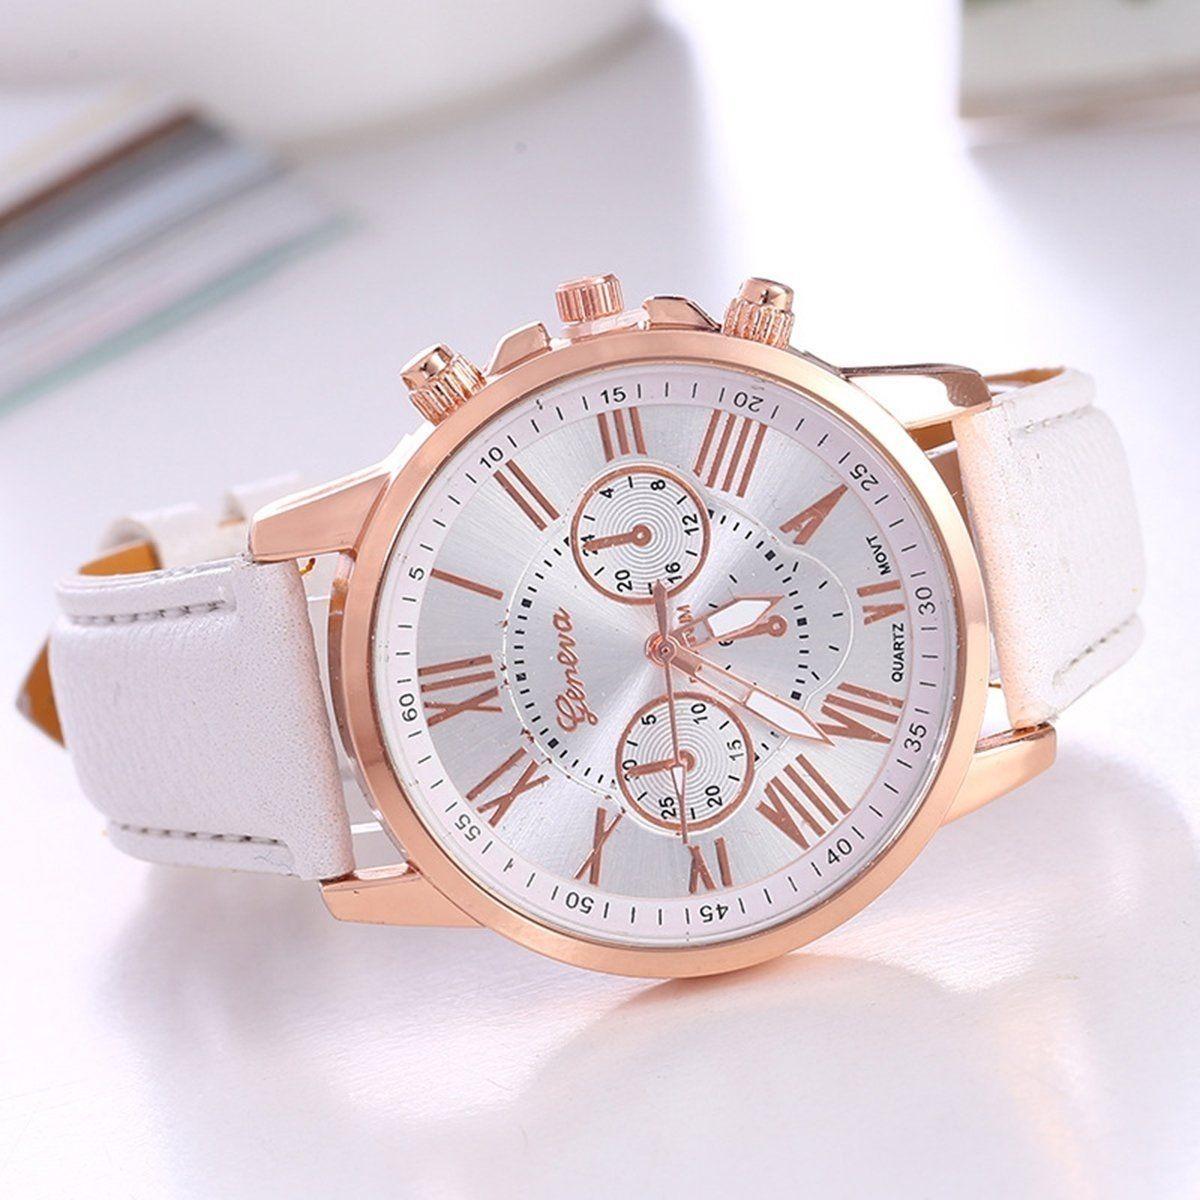 537460e87d4 relógio feminino rose e branco luxo lindo geneva promoção. Carregando zoom.